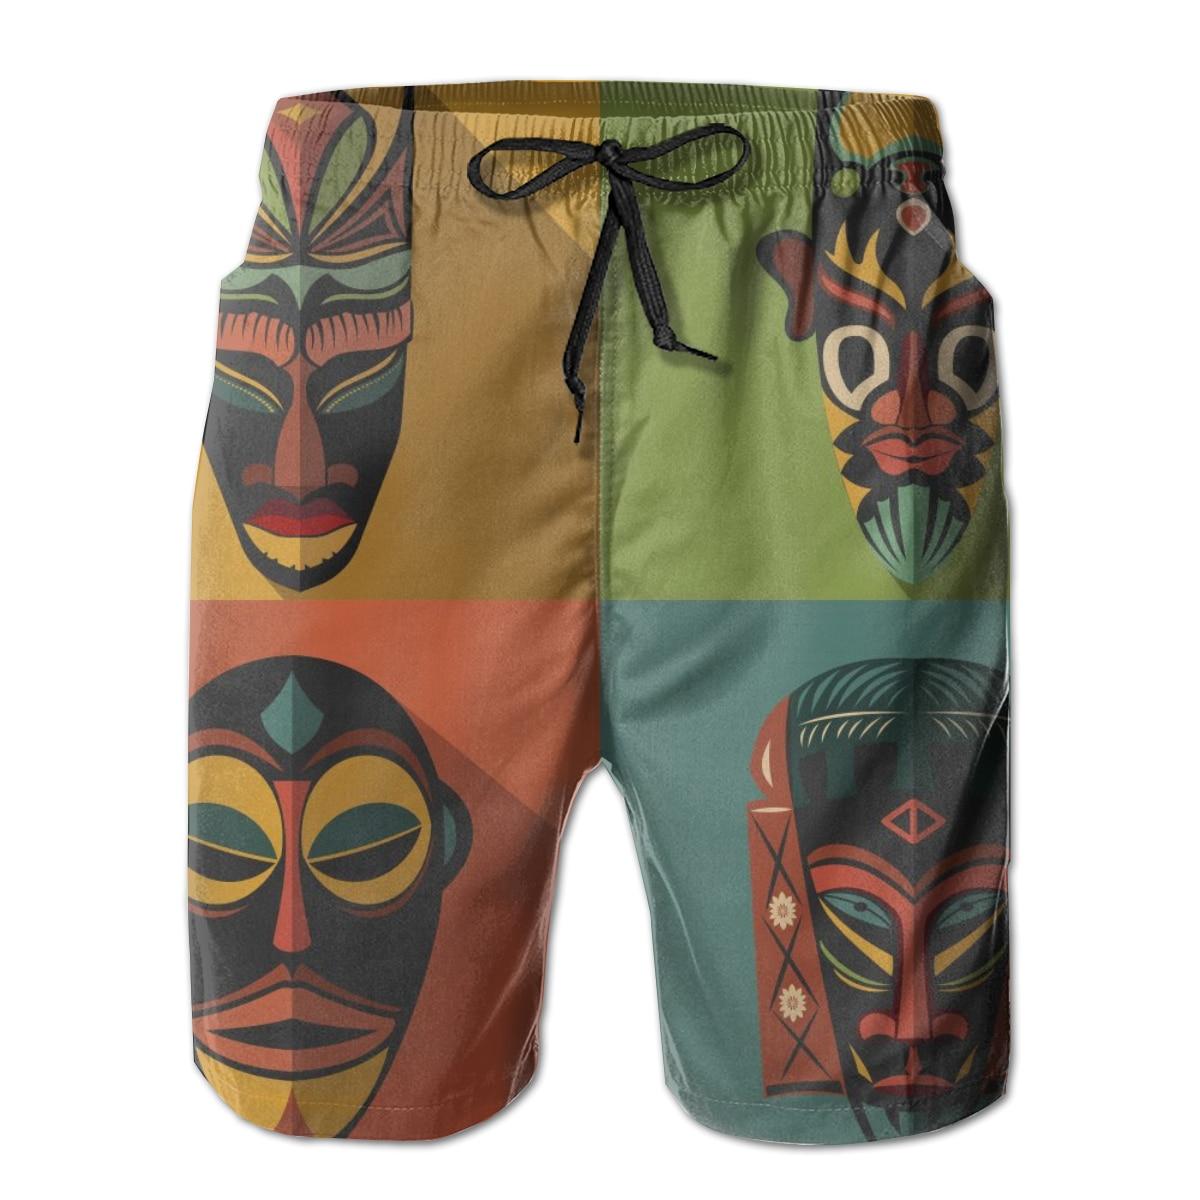 شورت سباحة رجالي ، ملابس بحر ، نمط أفريقي عرقي قبلية ، لركوب الأمواج ، للرياضة